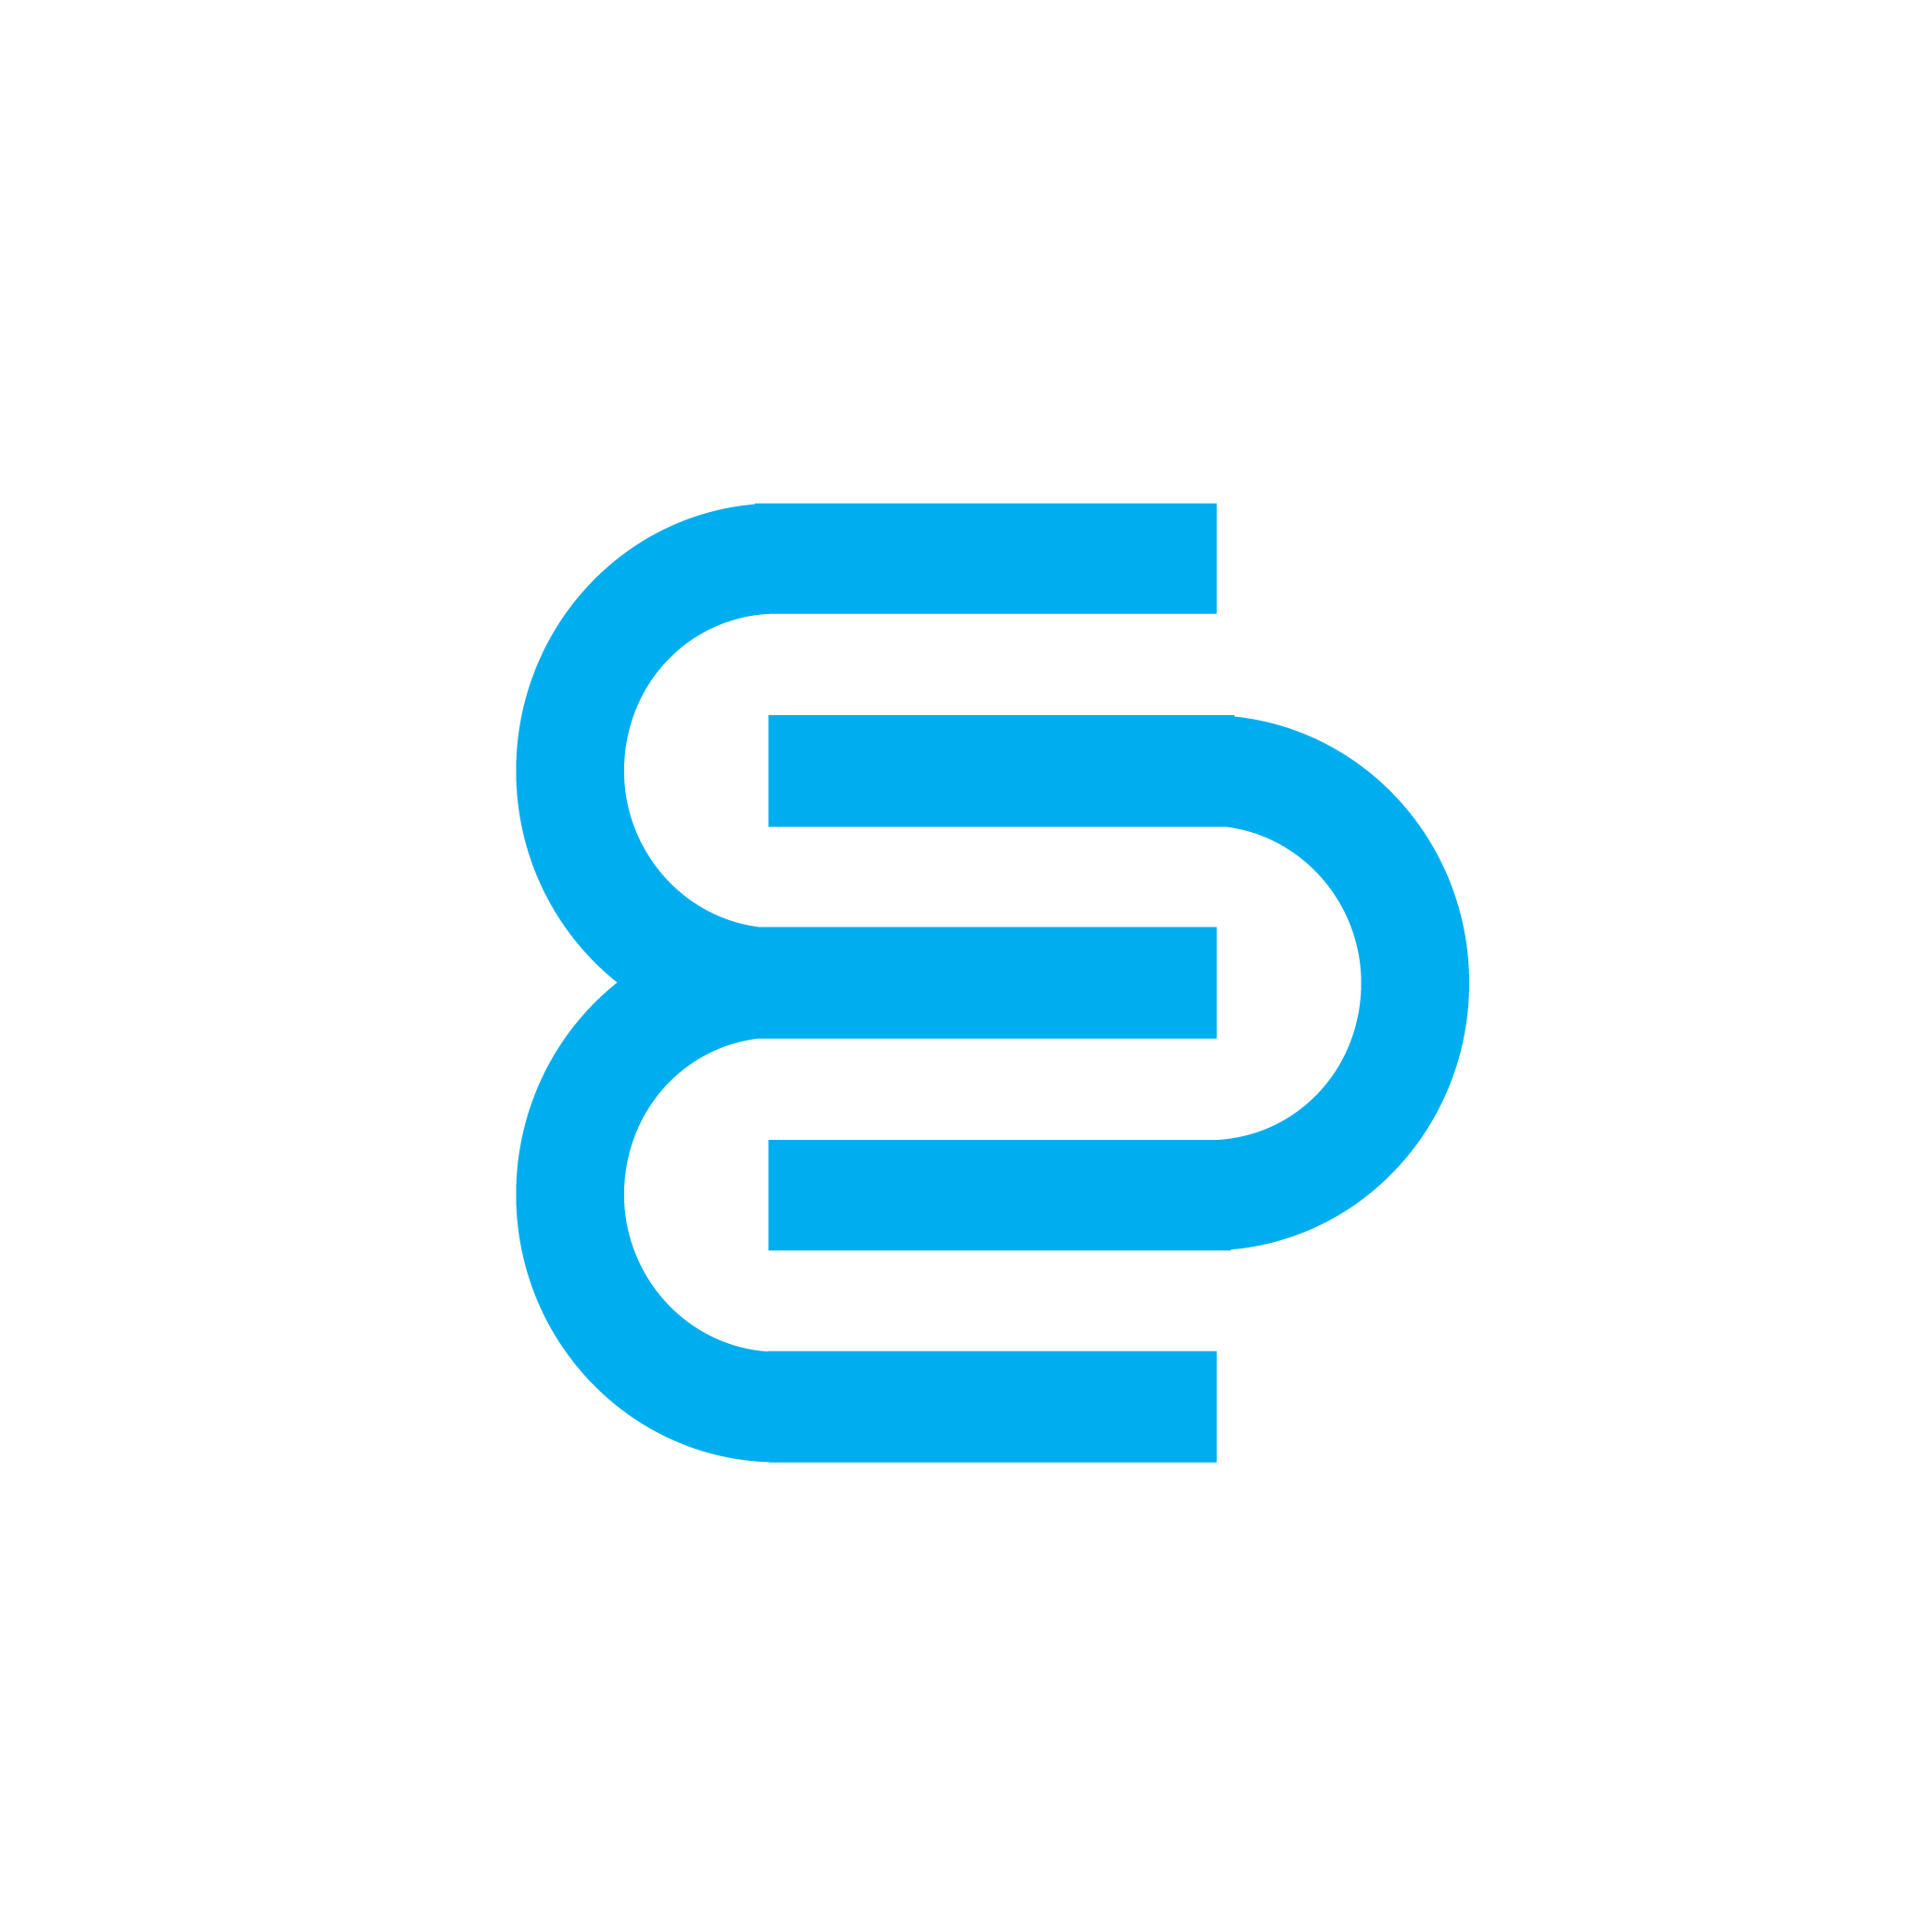 Ellis Design